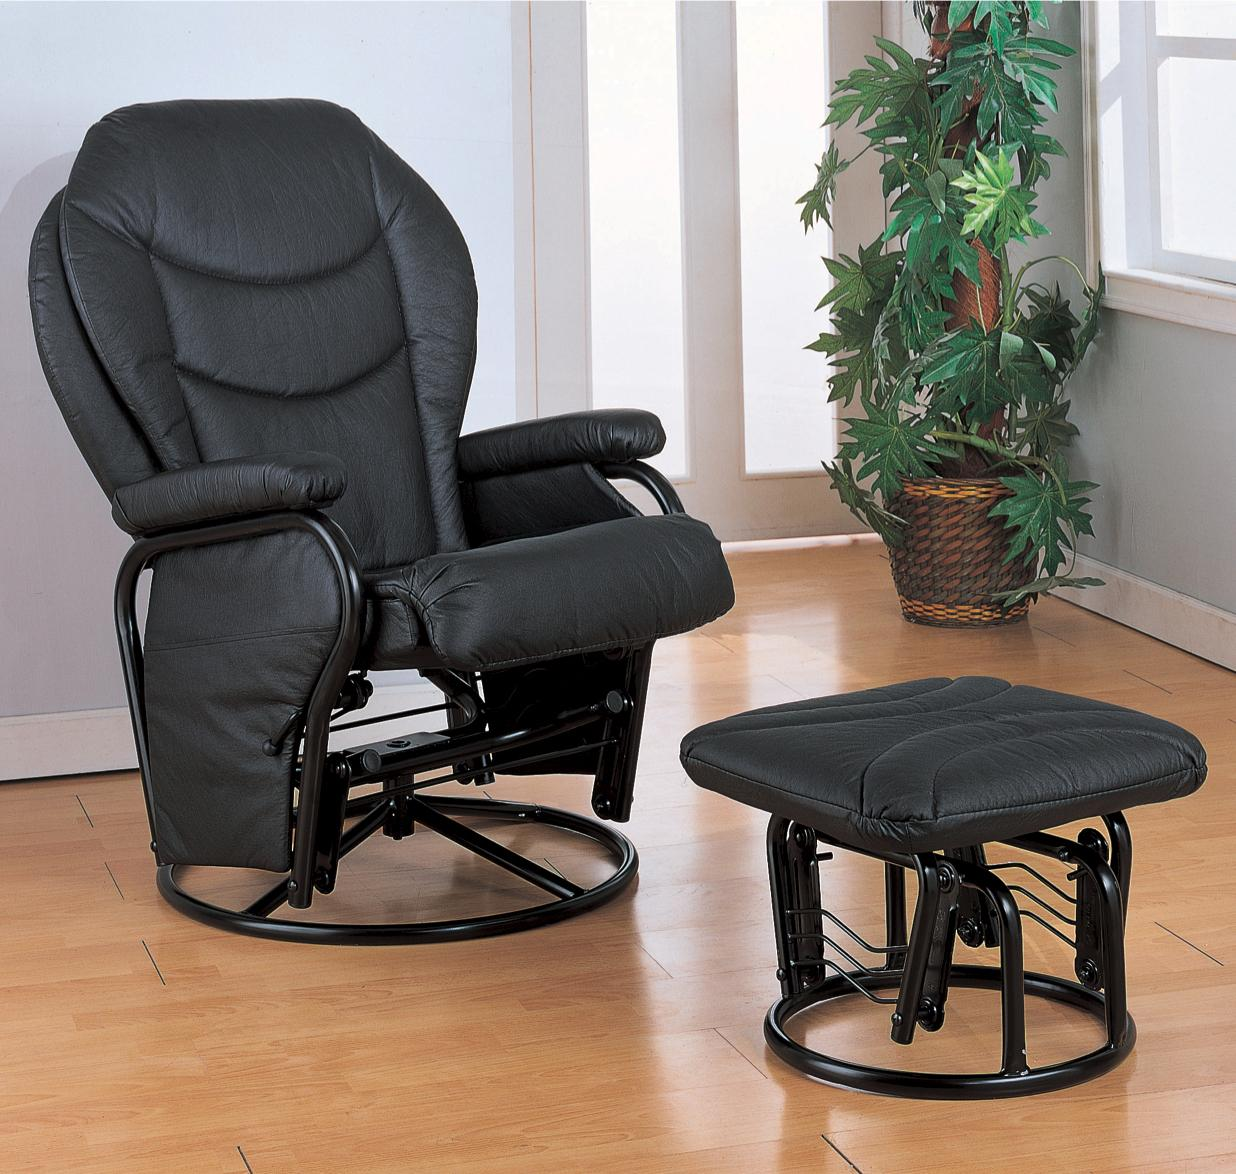 Room City Living Value Furniture Sets